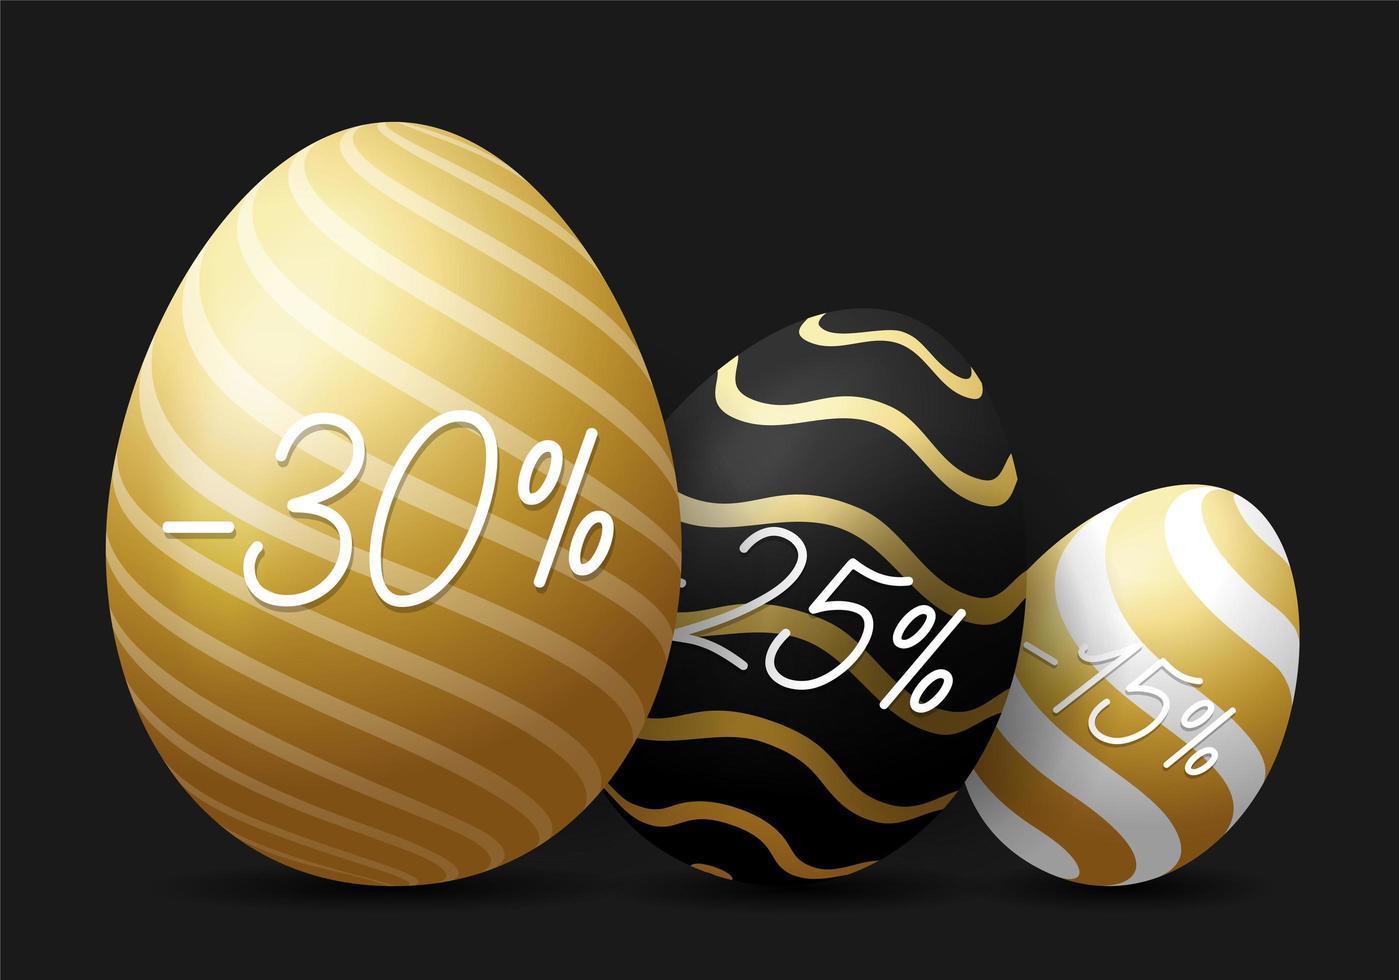 lyxig påskäggsförsäljning horisontell banner. gyllene påskkort med tre realistiska ägg, guld utsmyckade ägg på svart modern bakgrund. vektor illustration. plats för din text